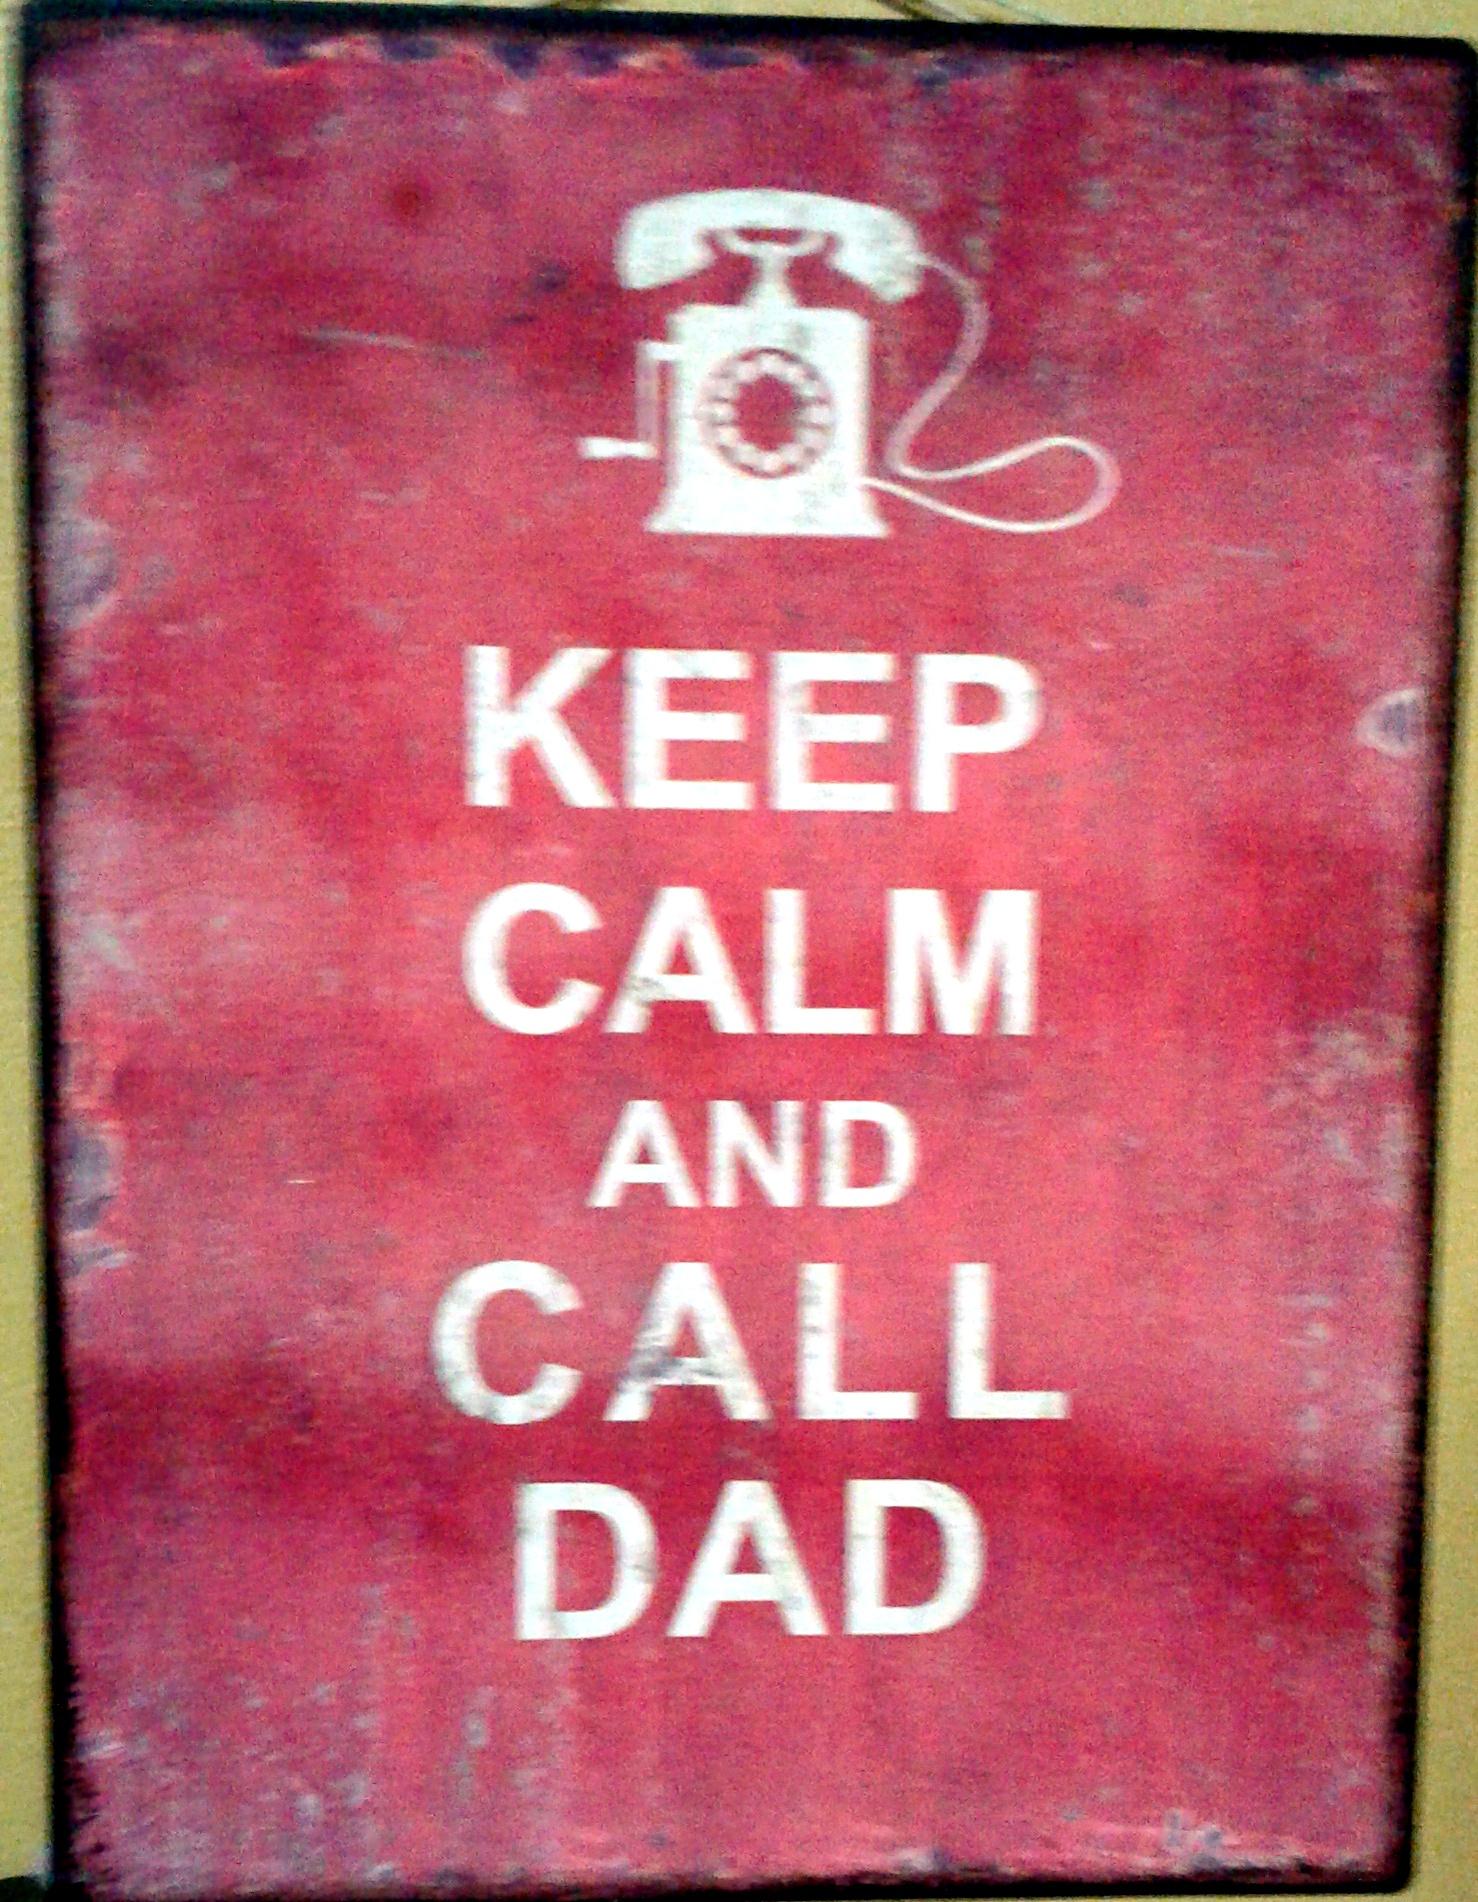 Wall Decor/ Metal Plaque: DAD...